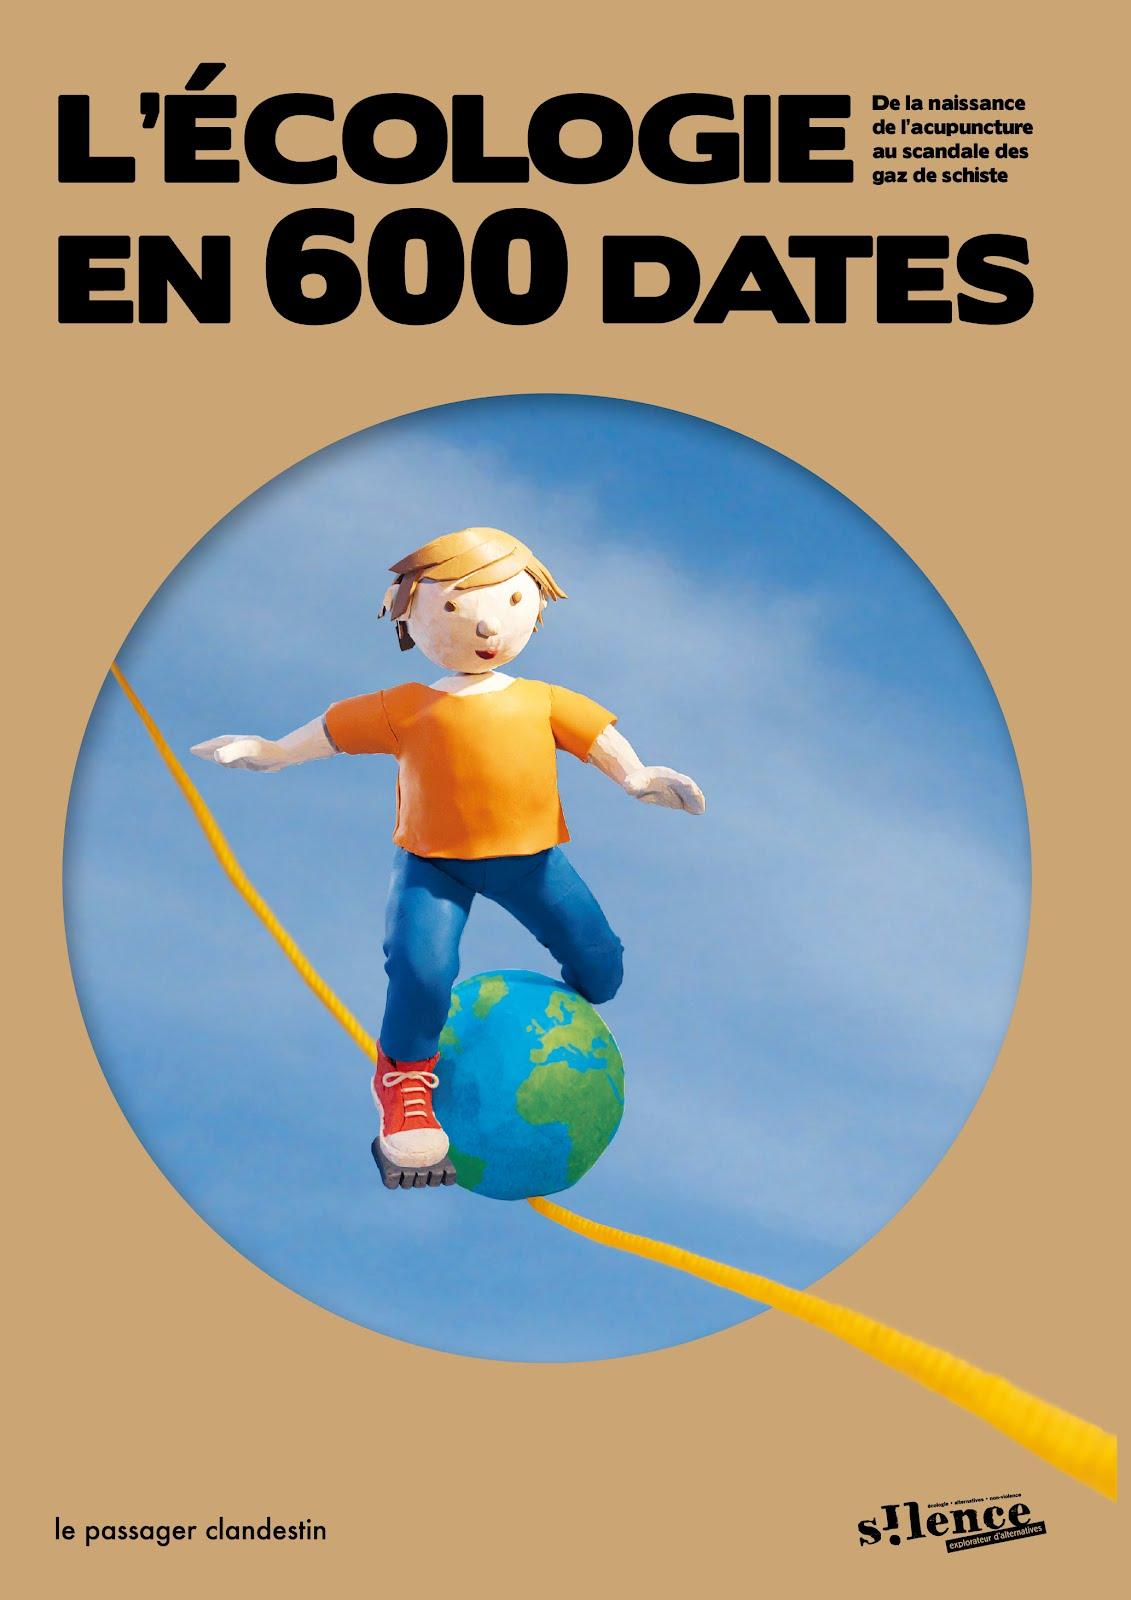 ecologie 600 dates